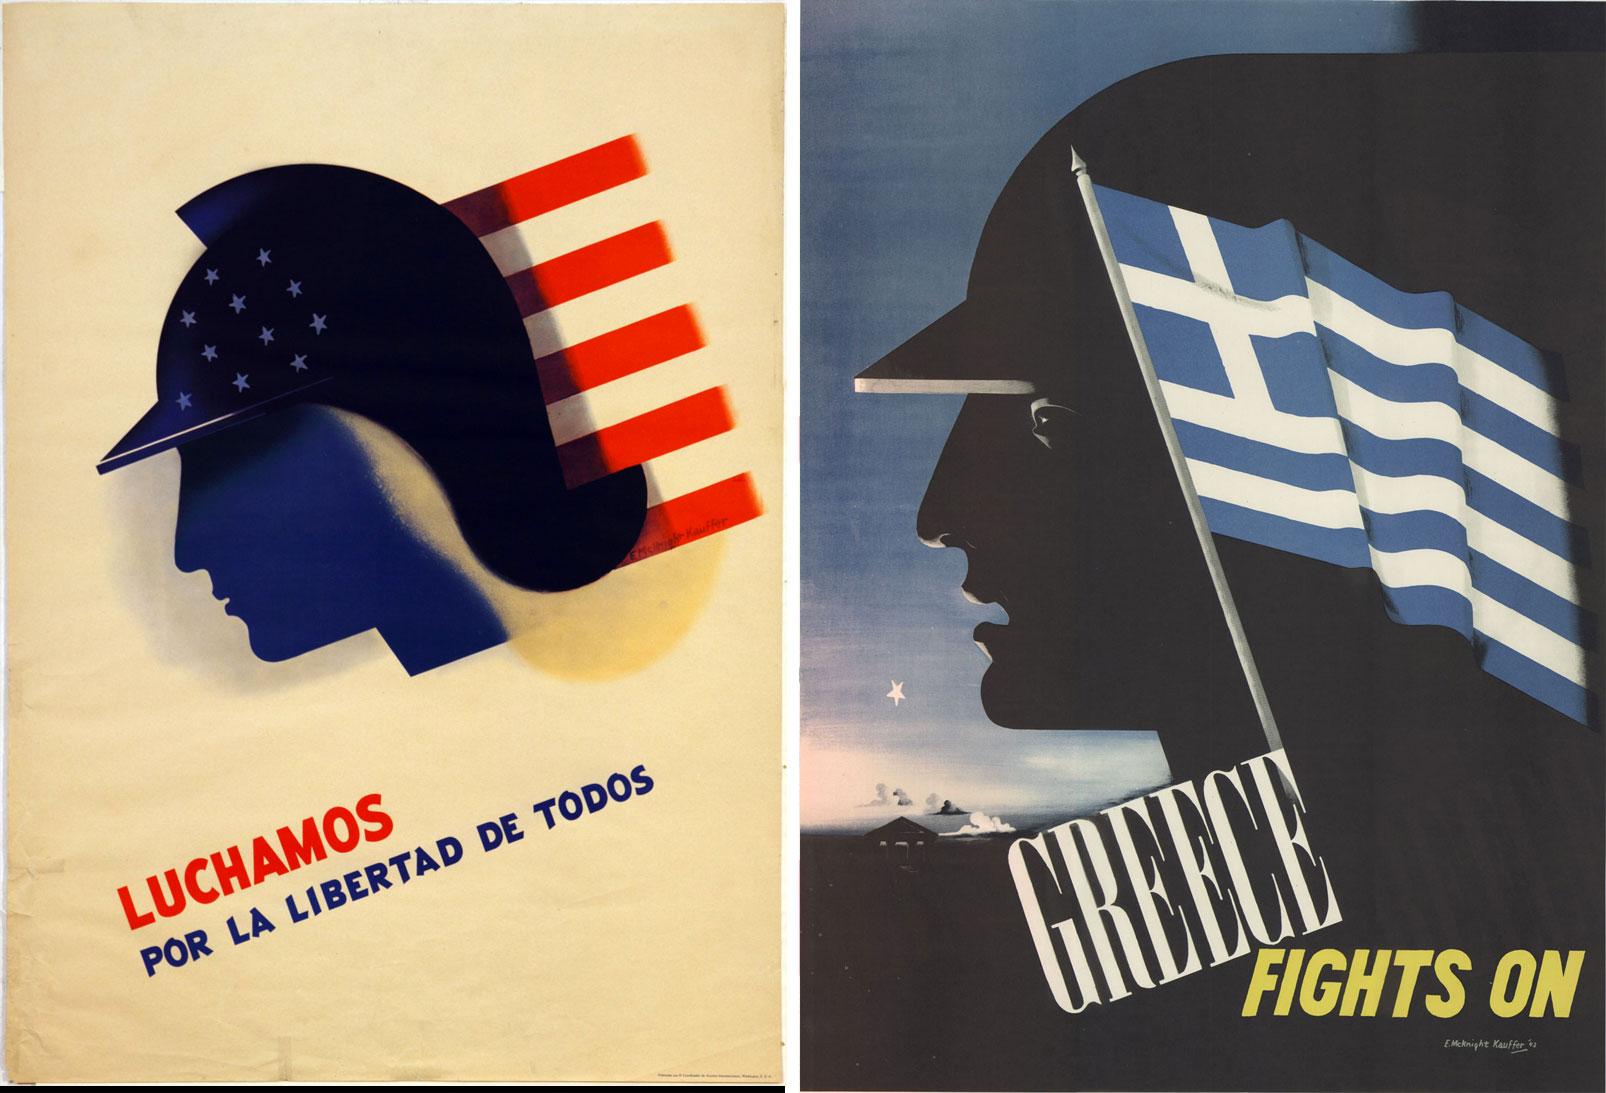 Edward-McKnight-Kauffer-affiches02